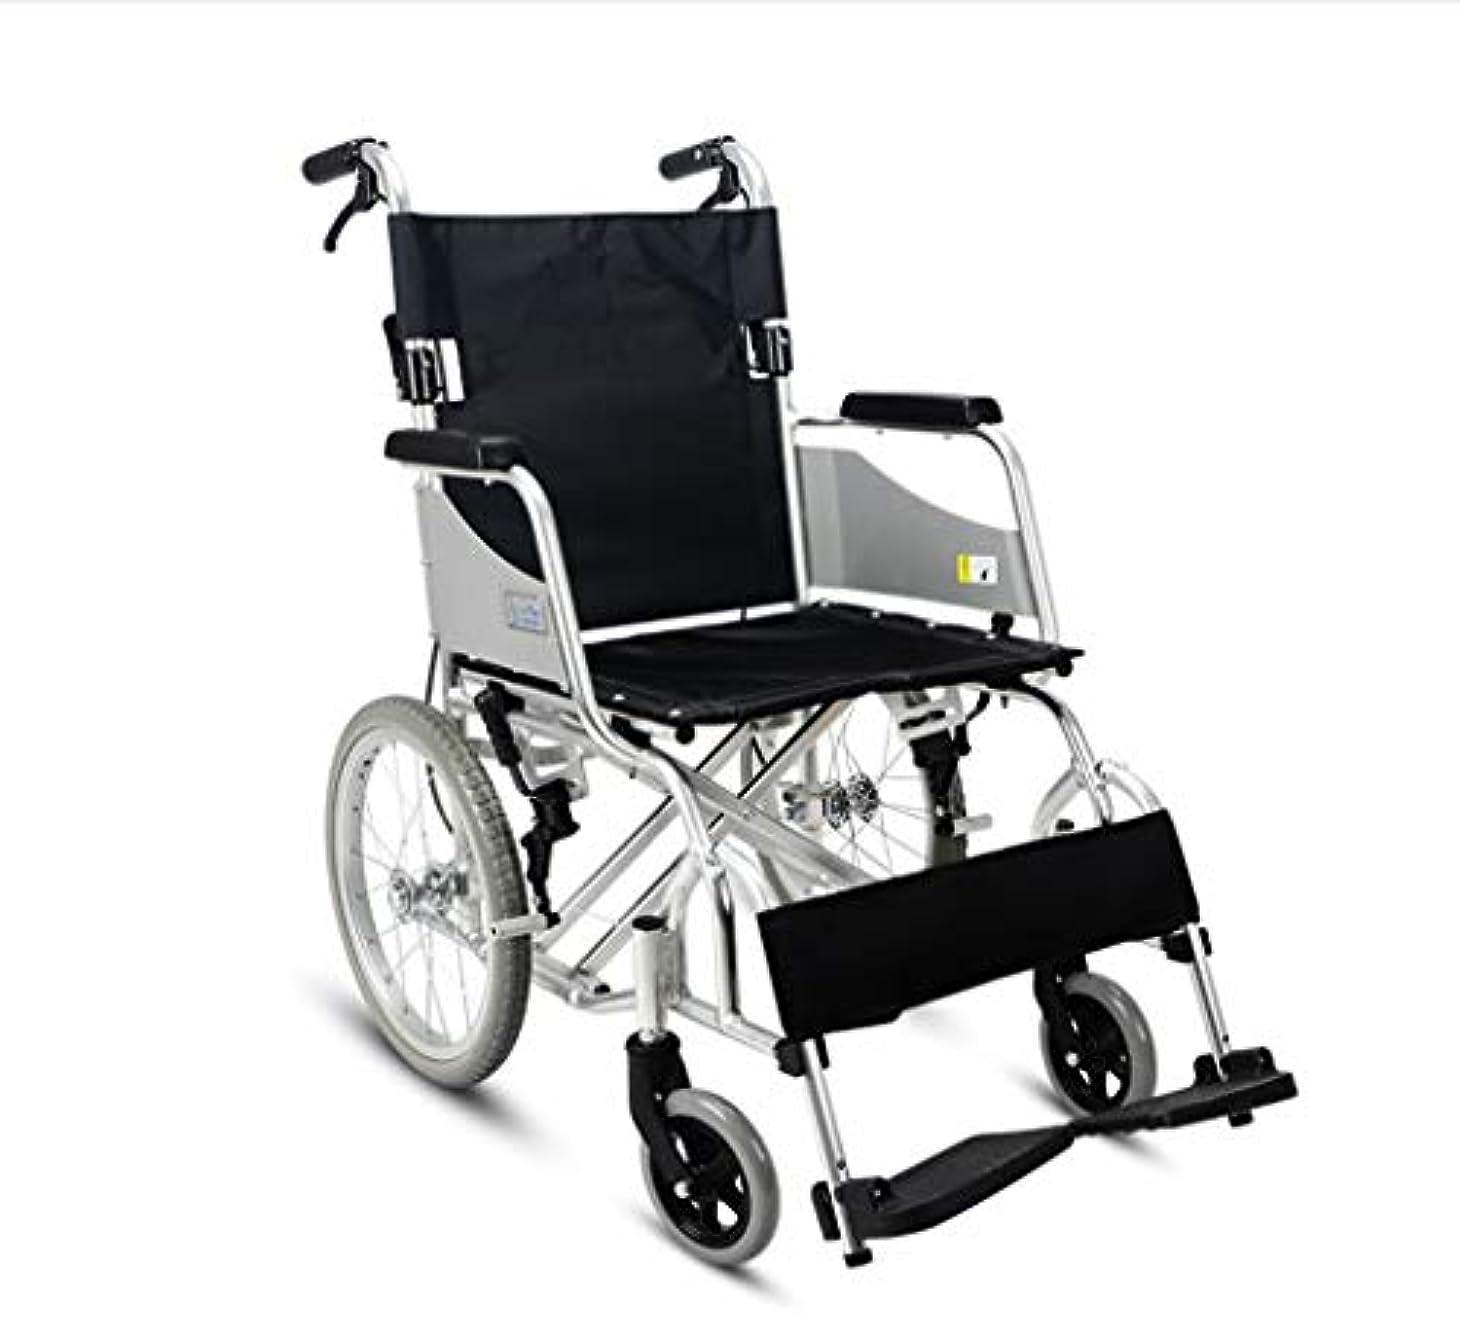 ベース作ります野菜車椅子高齢者ポータブル、折りたたみハンドプッシュ屋外旅行車椅子